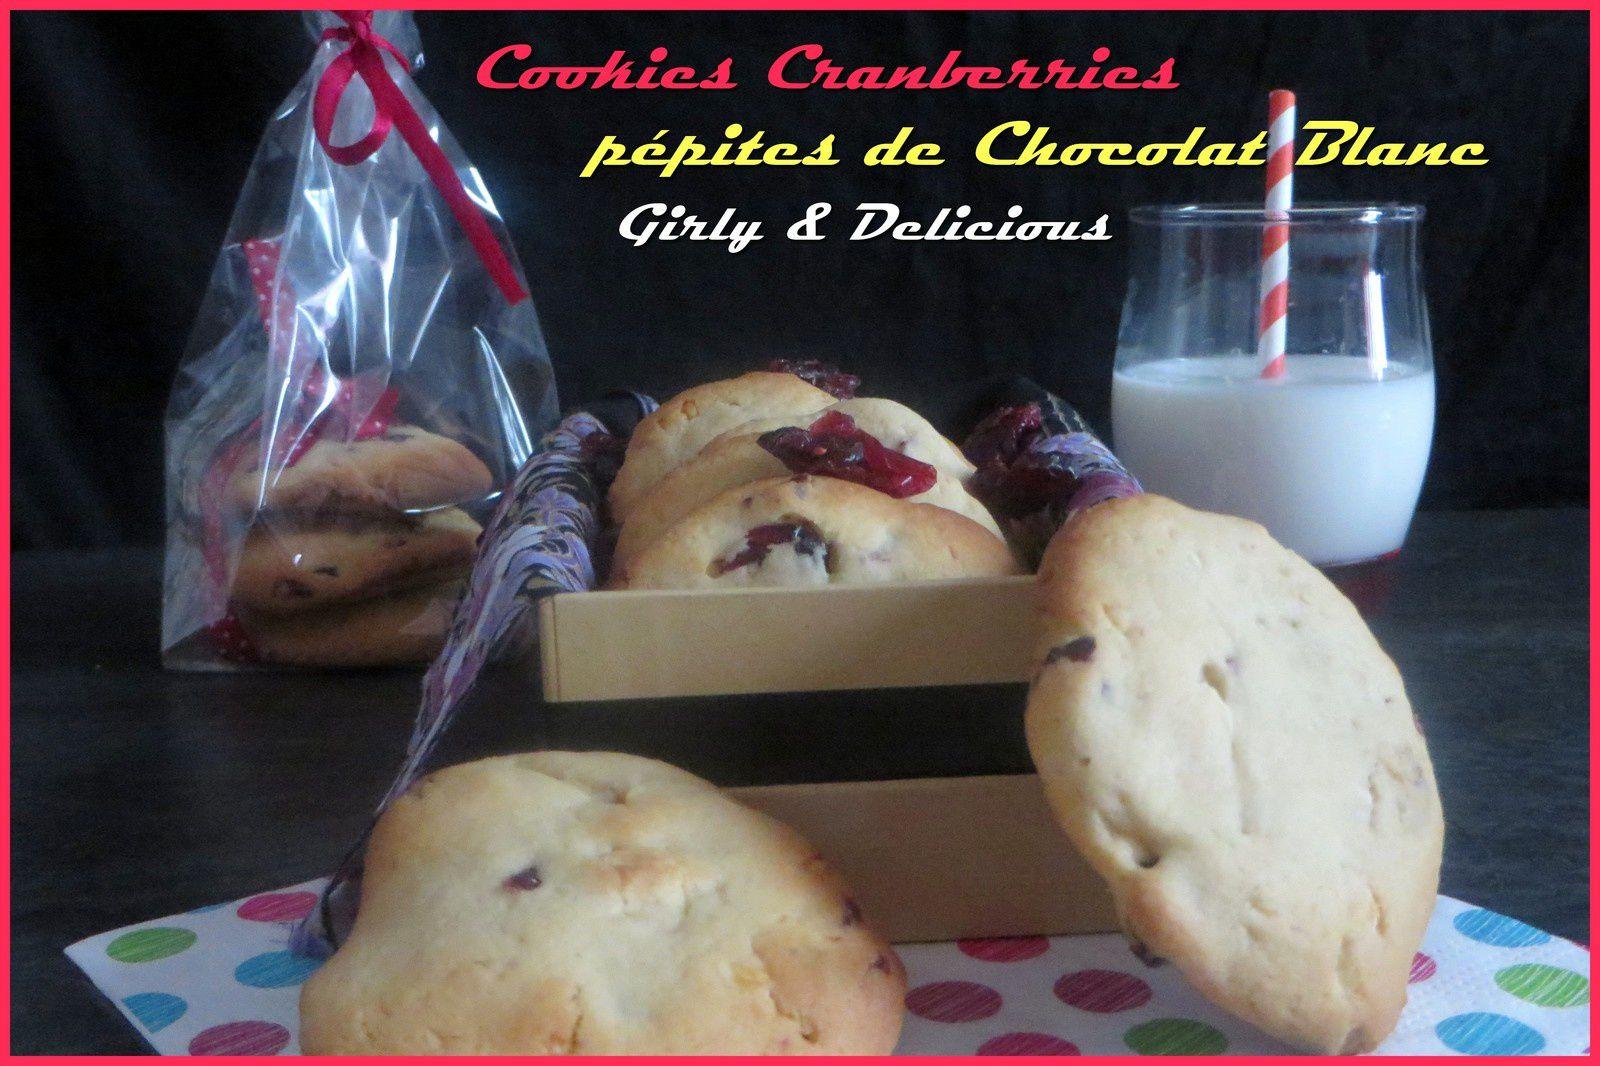 Cookies Chocolat Blanc et Cranberries séchés